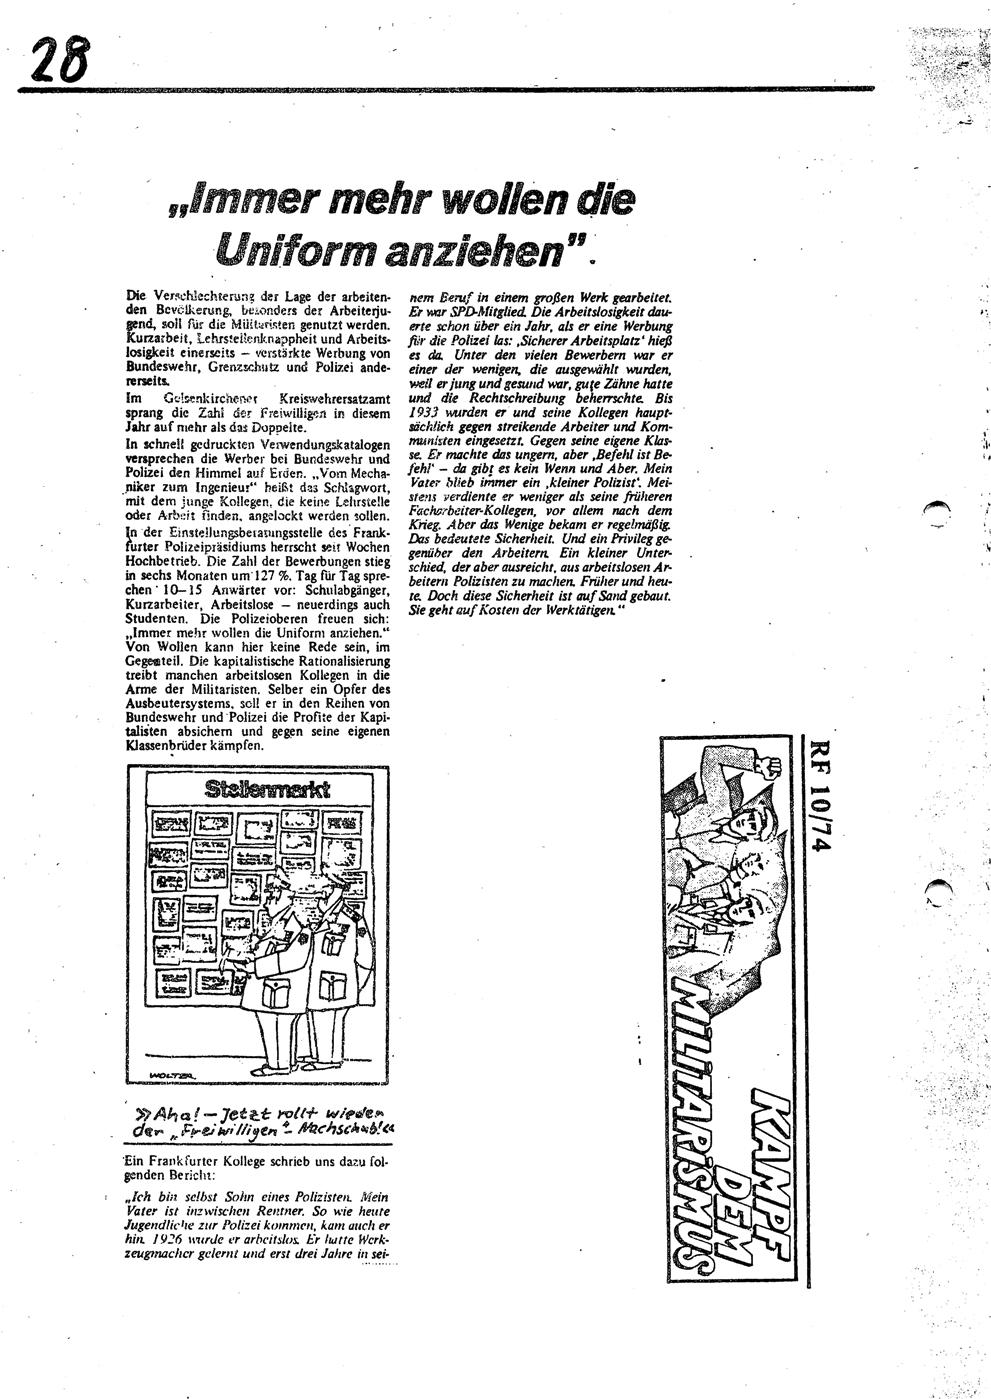 KABRW_Arbeitshefte_1977_25_027